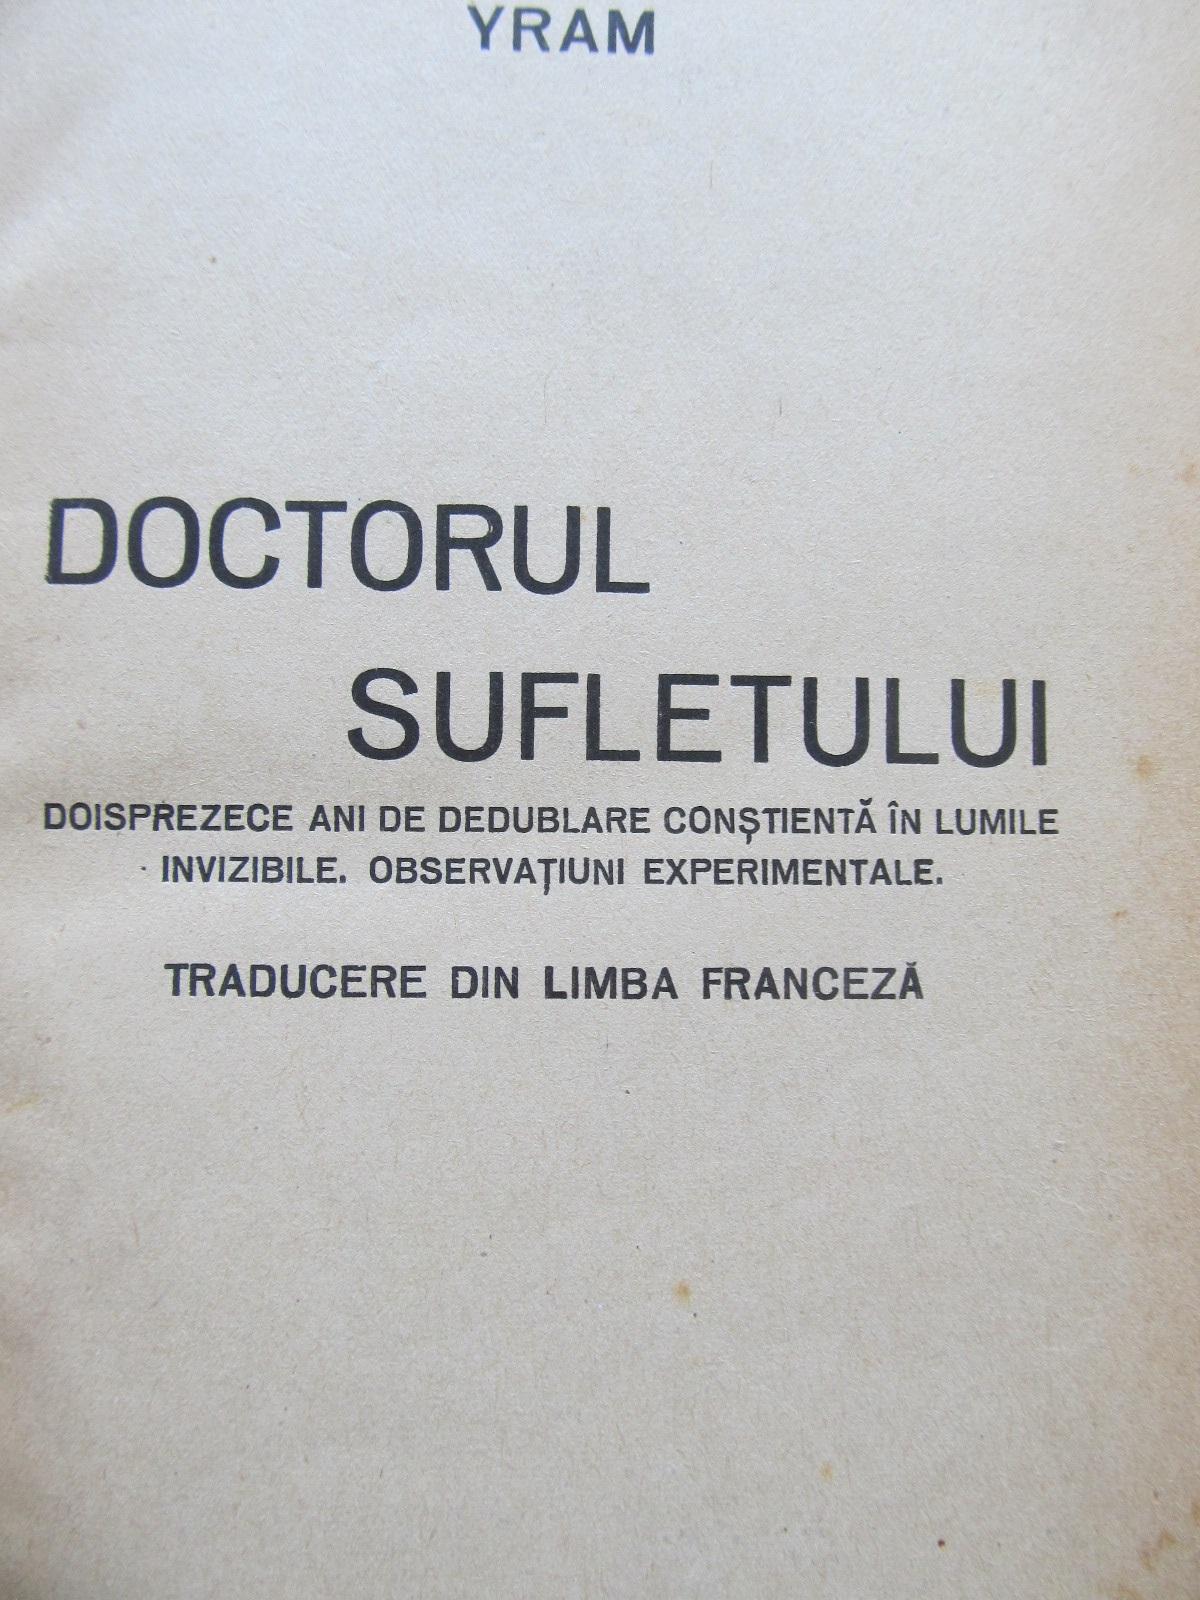 Carte Doctorul sufletului meu - Doisprezece ani de dedublare constienta in lumile invizibile - Observatiuni experimentale [1] - Yram